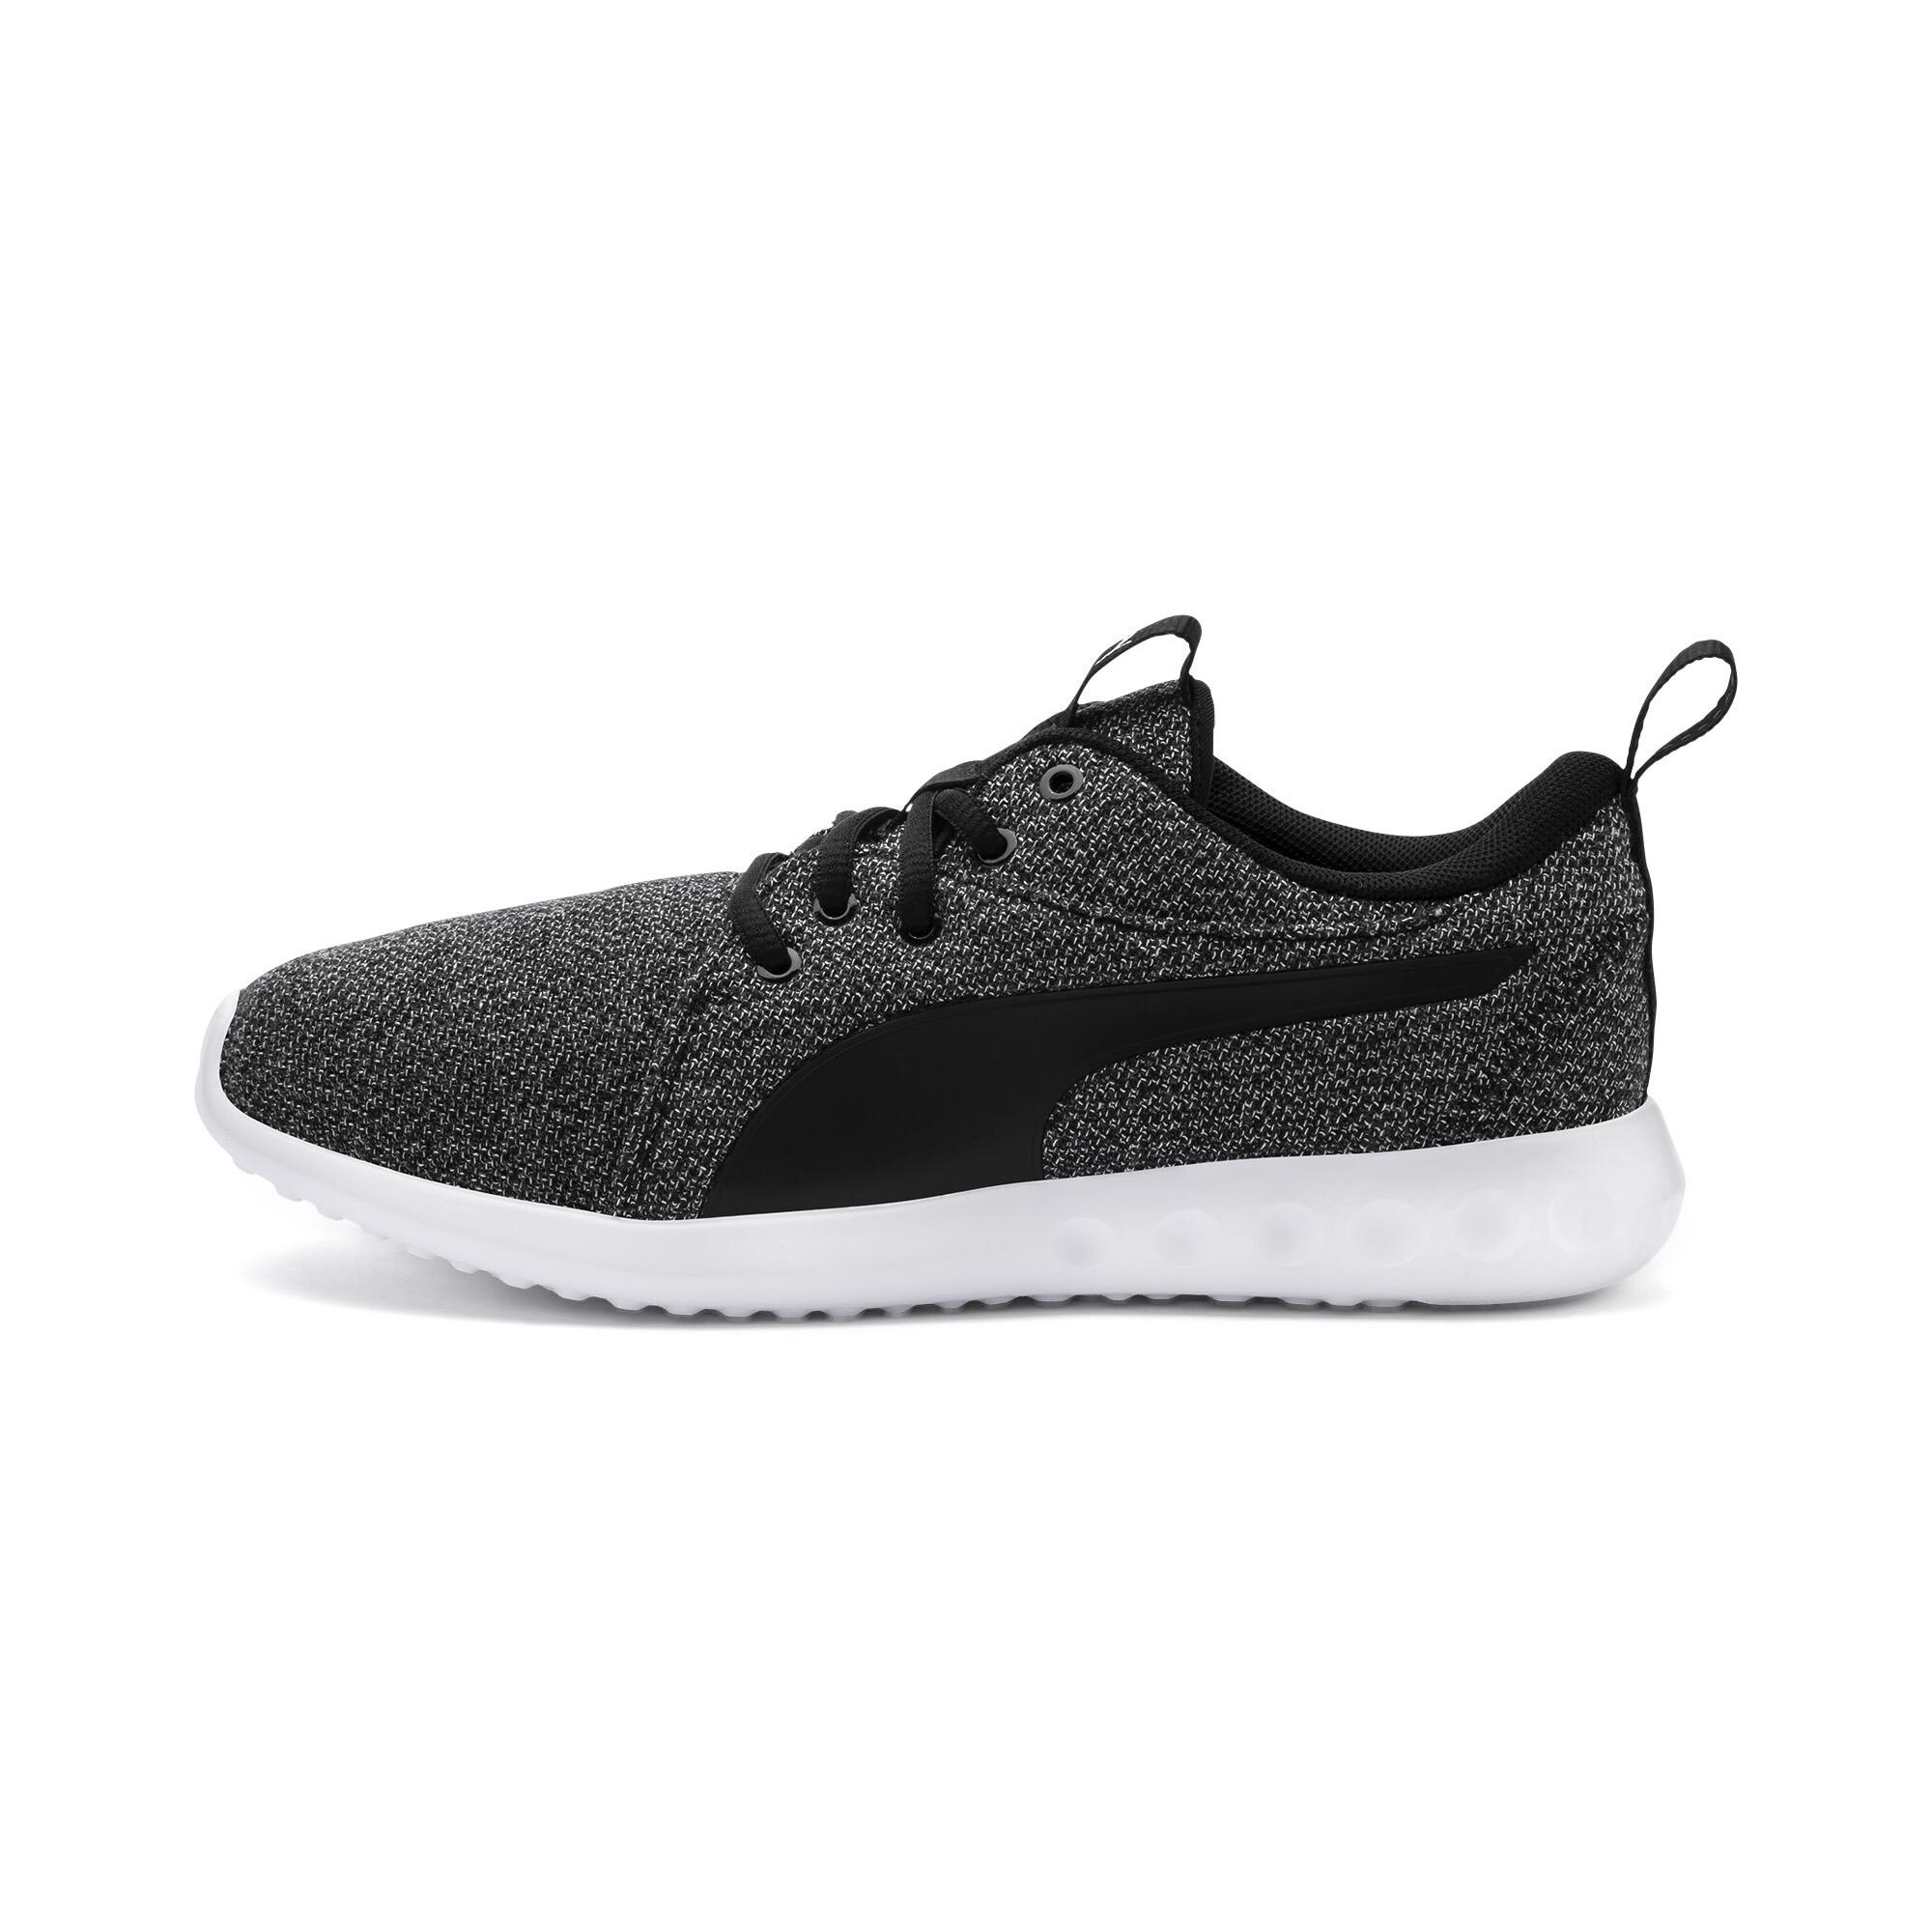 PUMA-Carson-2-Knit-Women-039-s-Running-Shoes-Women-Shoe-Running thumbnail 23